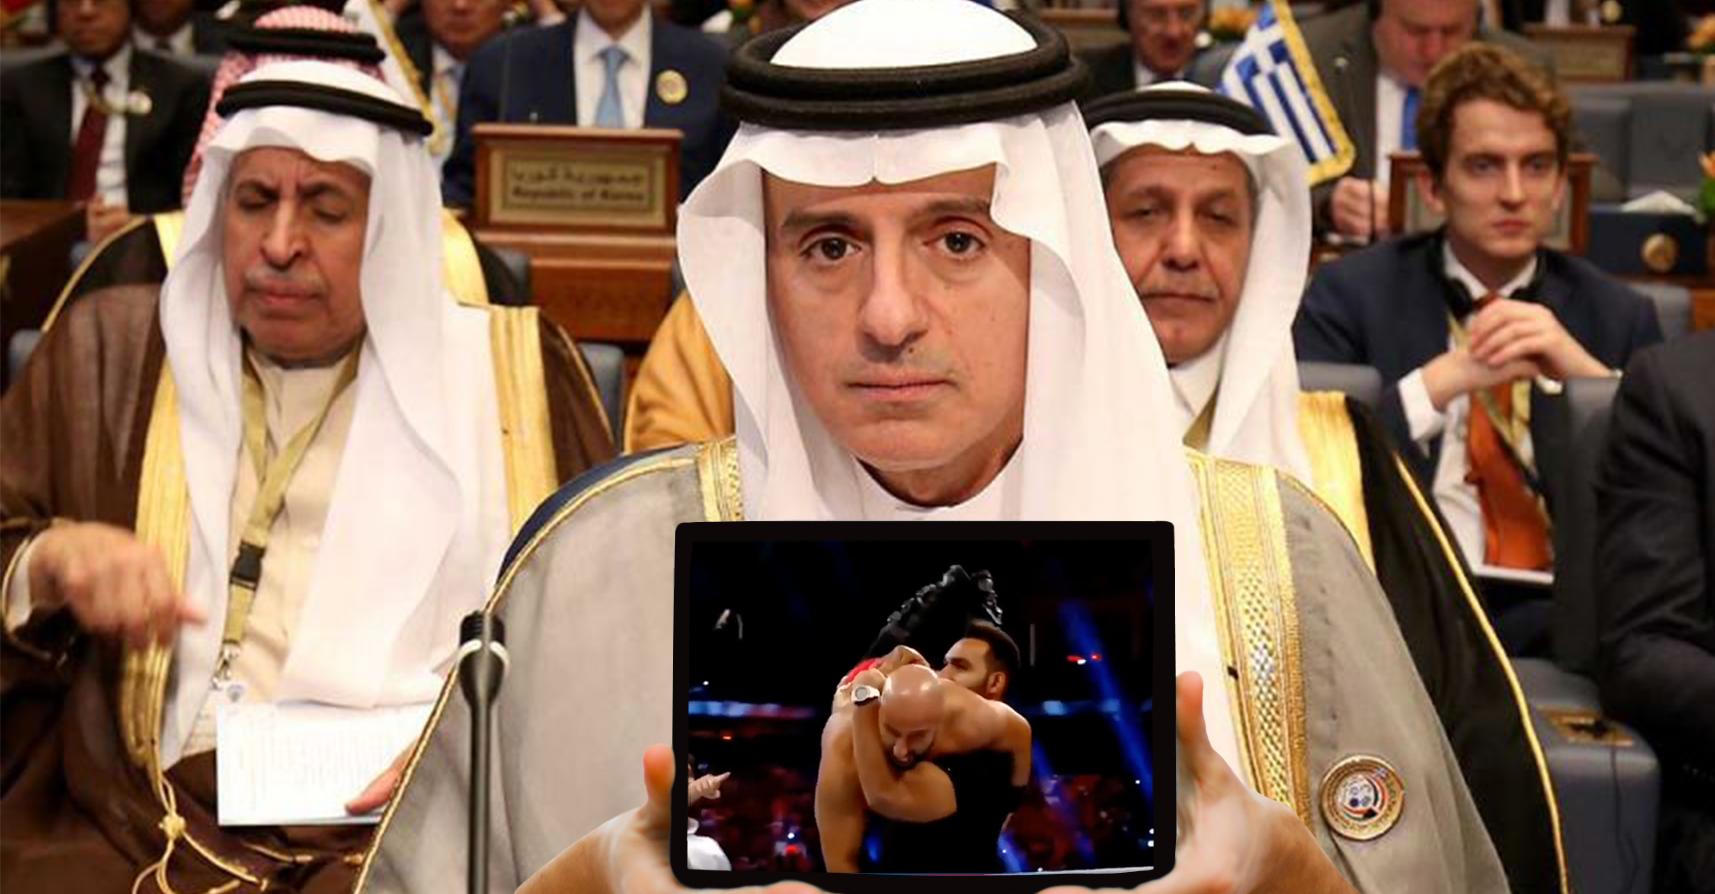 صورة السعودية تطالب إيران بالانسحاب من سوريا ووقف دعم الحوثيين وحزب الله بعدما بطح مصارعوها مصارعَيْن إيرانيين